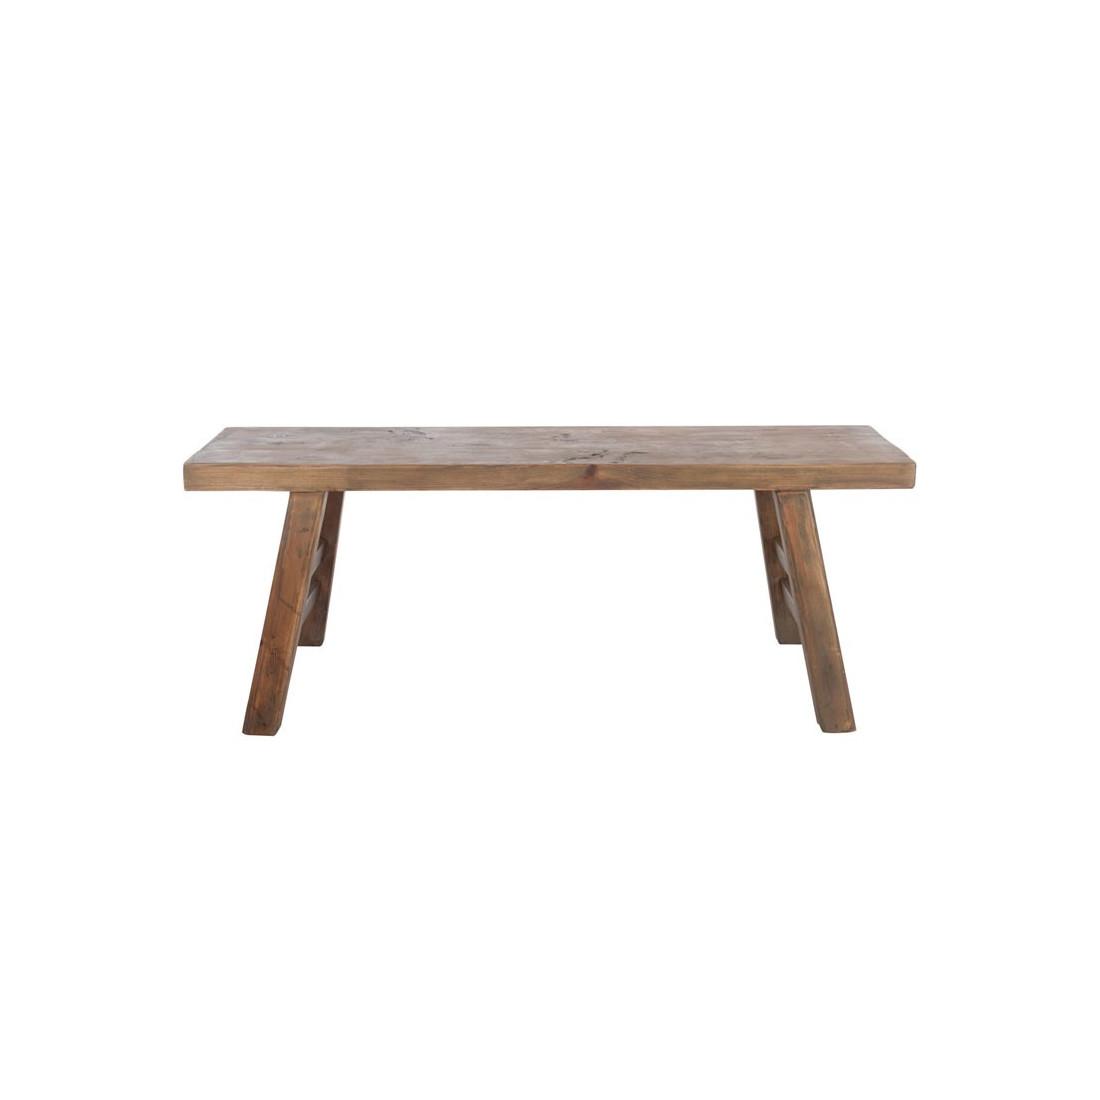 banc bois massif banc avec dossier pour salle a manger banc jardin bois pince banc bois. Black Bedroom Furniture Sets. Home Design Ideas